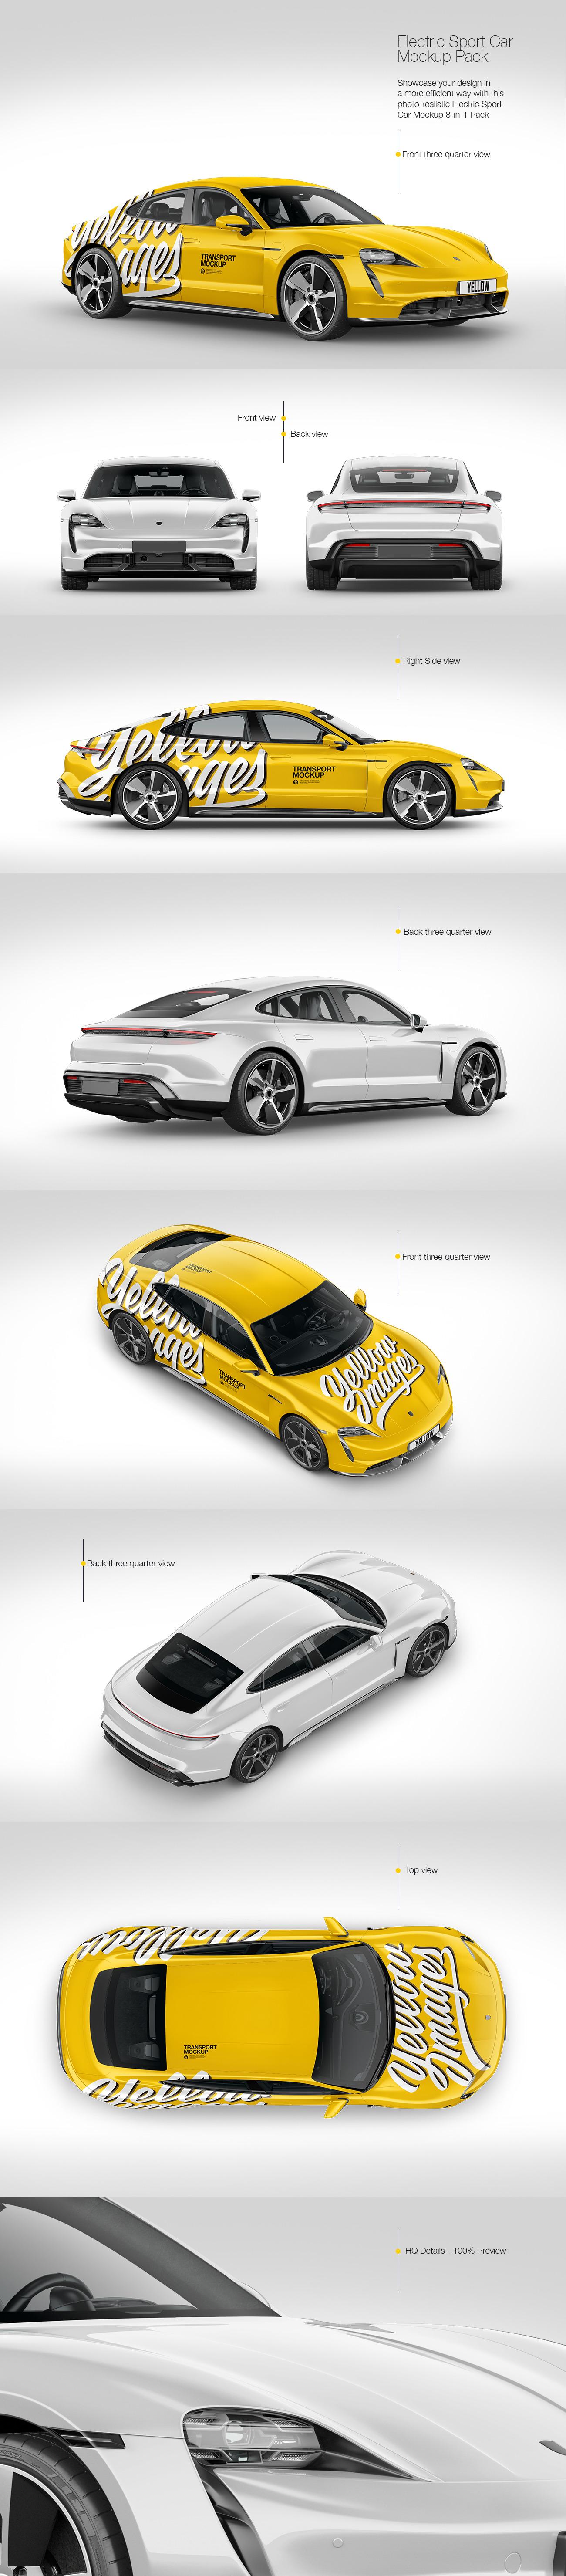 8款电动跑车设计展示样机模板 Electric Sport Car Mockup Pack插图